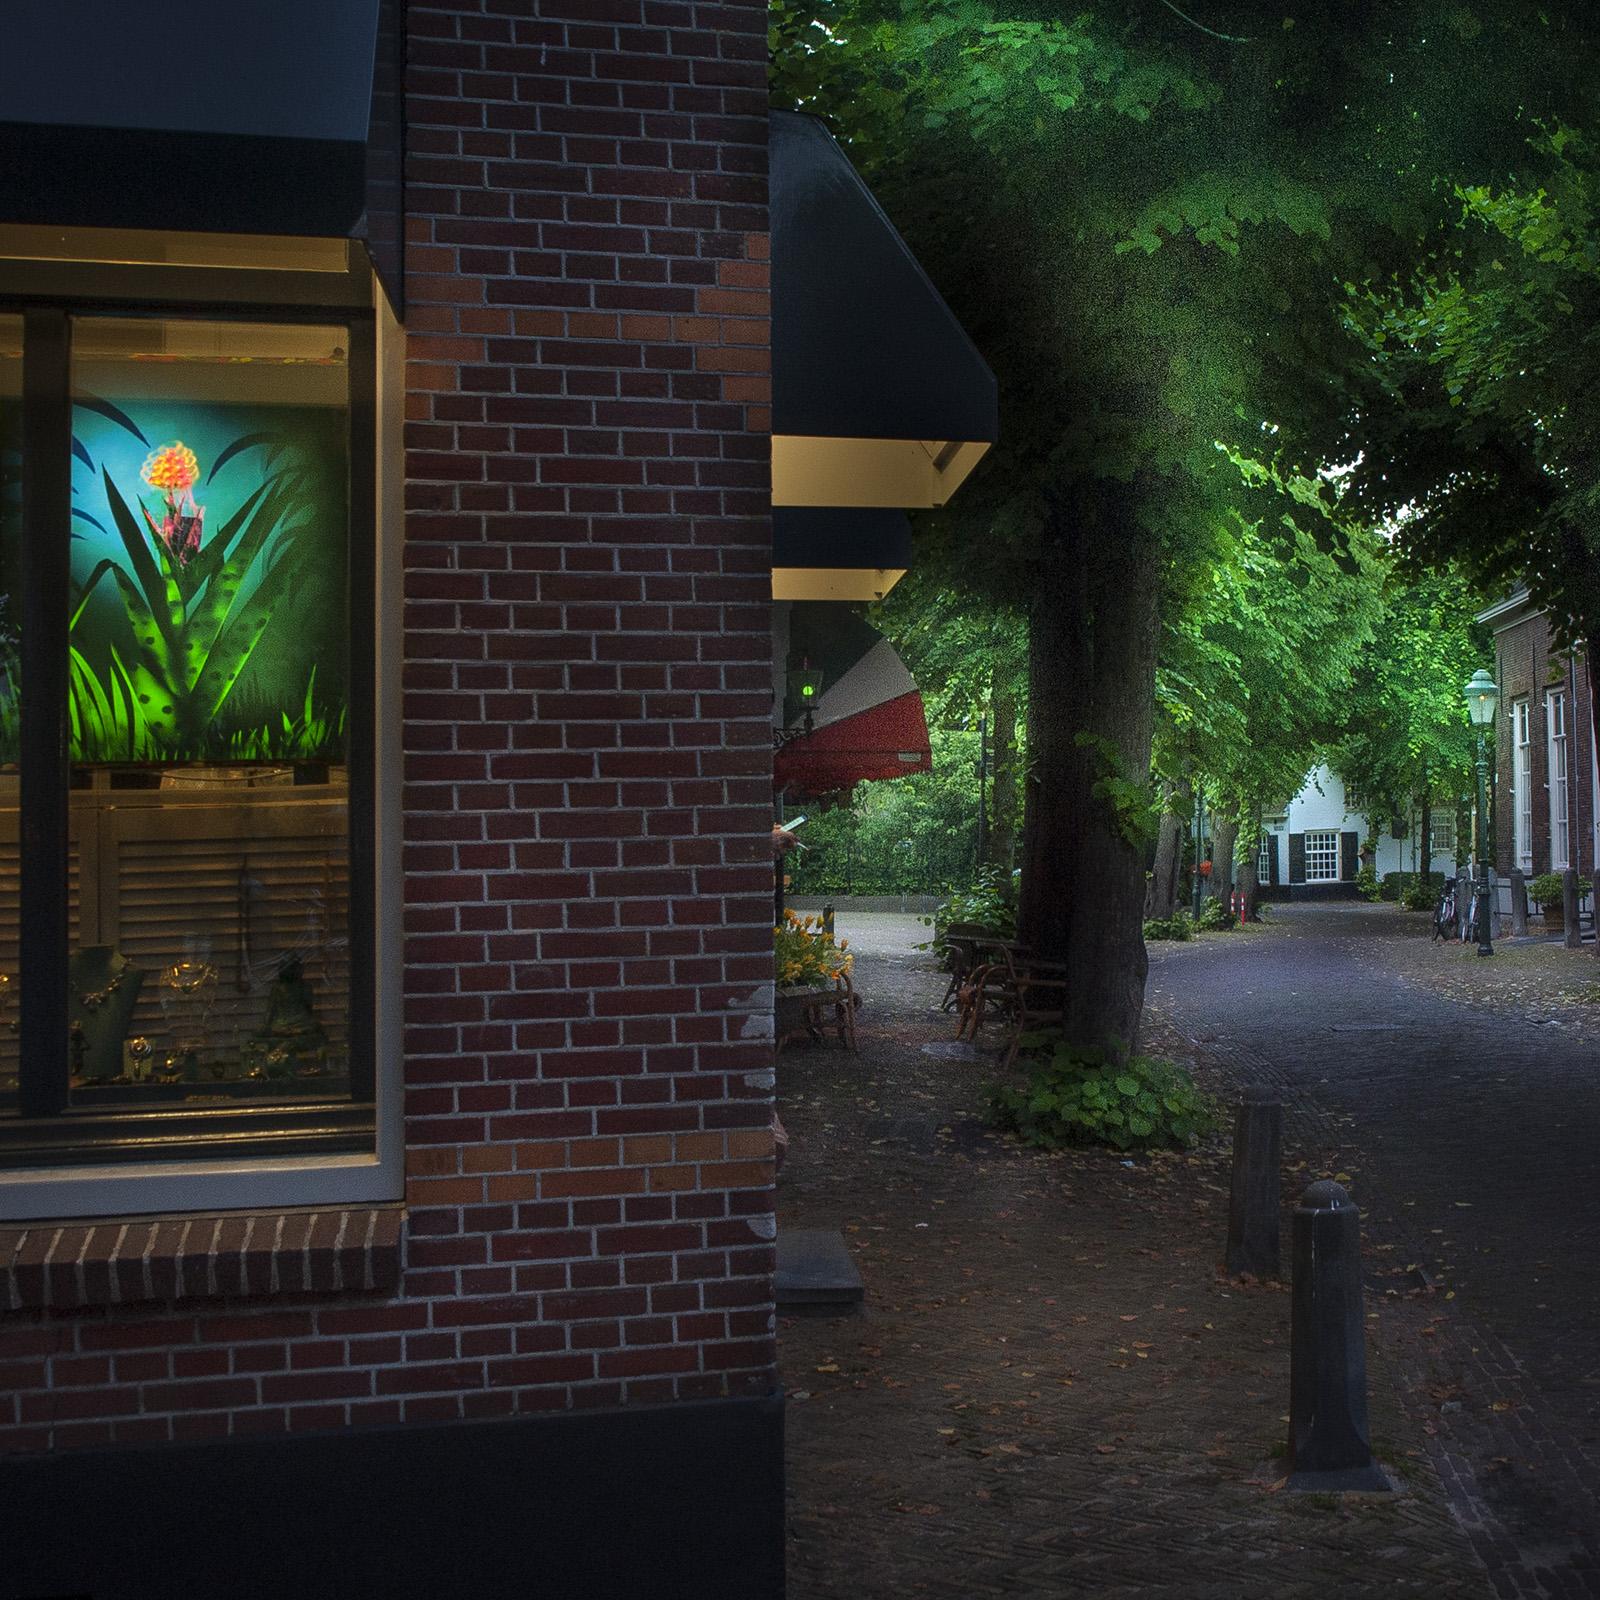 foto: ©Jan van der Horn - lichtbak bij mevrouw van Oel, op de Voorstraat, vlak bij Museum Voorschoten